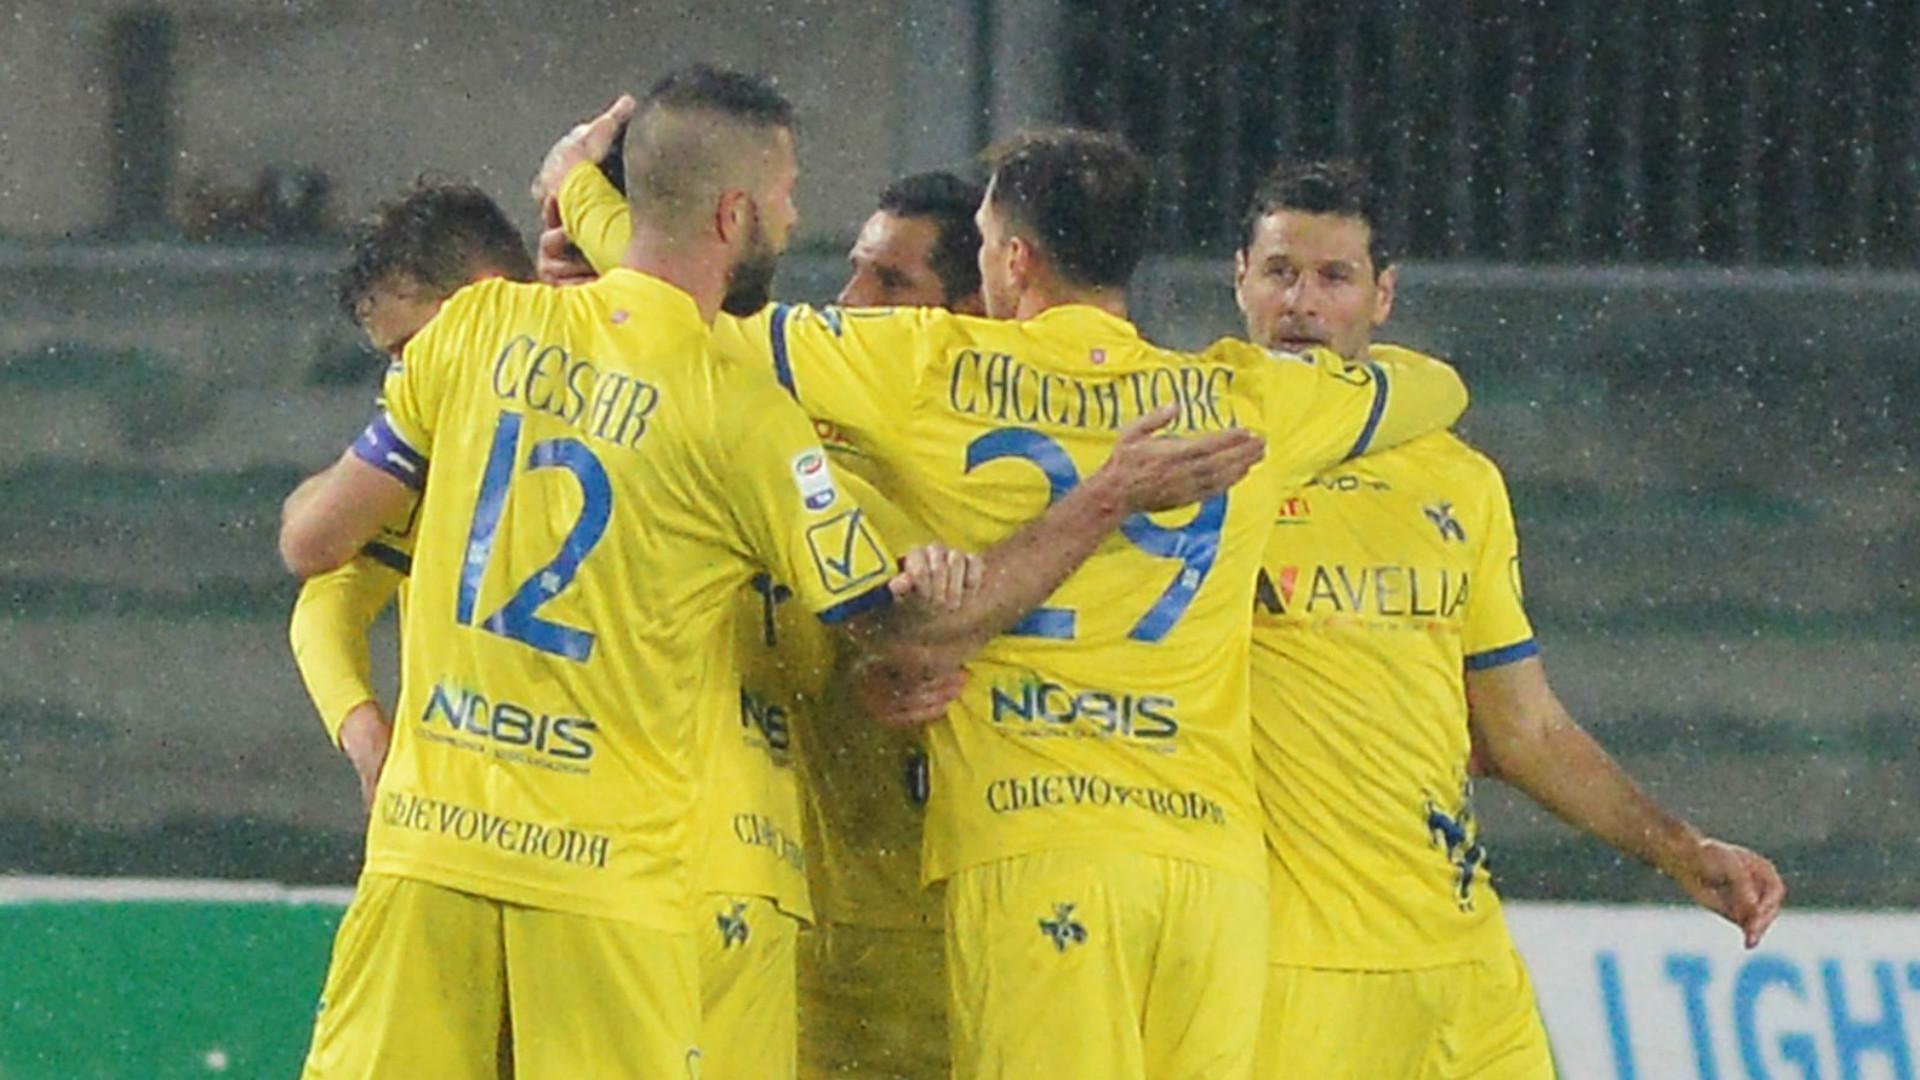 Coppa Italia, che impresa del Pordenone! Cagliari fuori: ora l'Inter